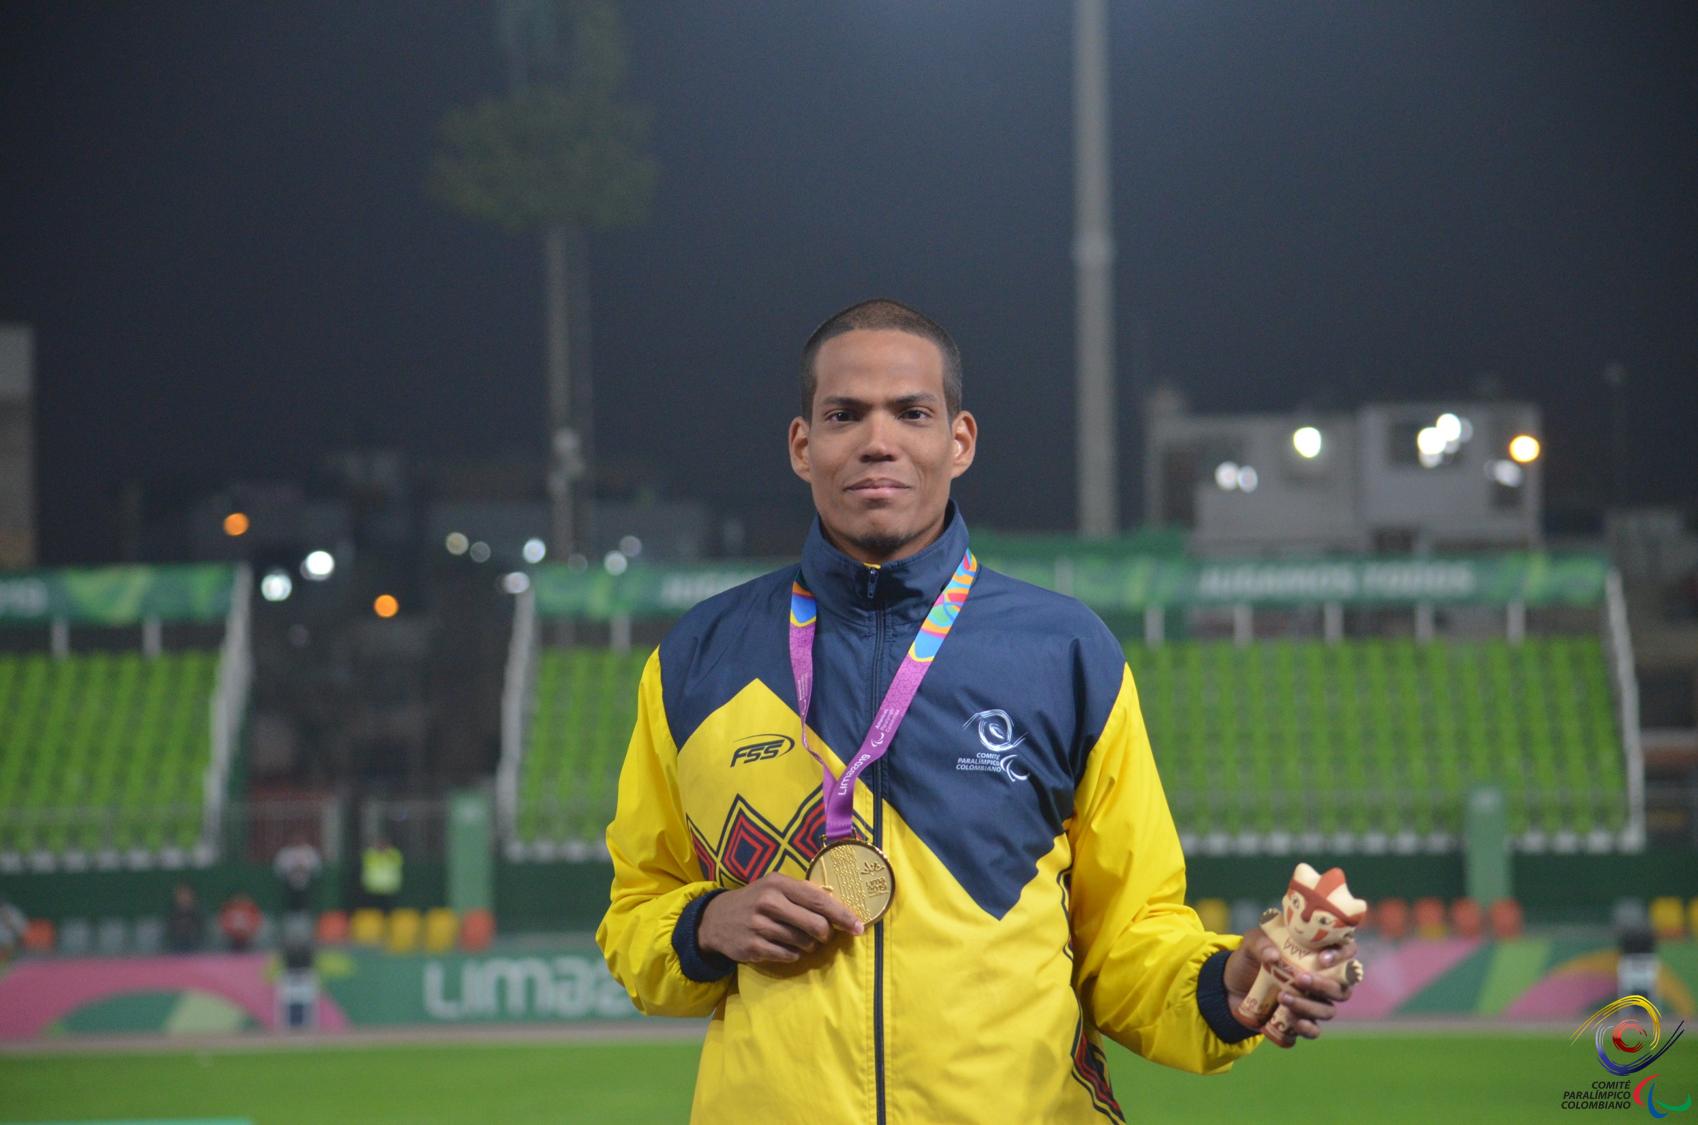 Dixon Hooker / Comité Paralímpico Colombiano